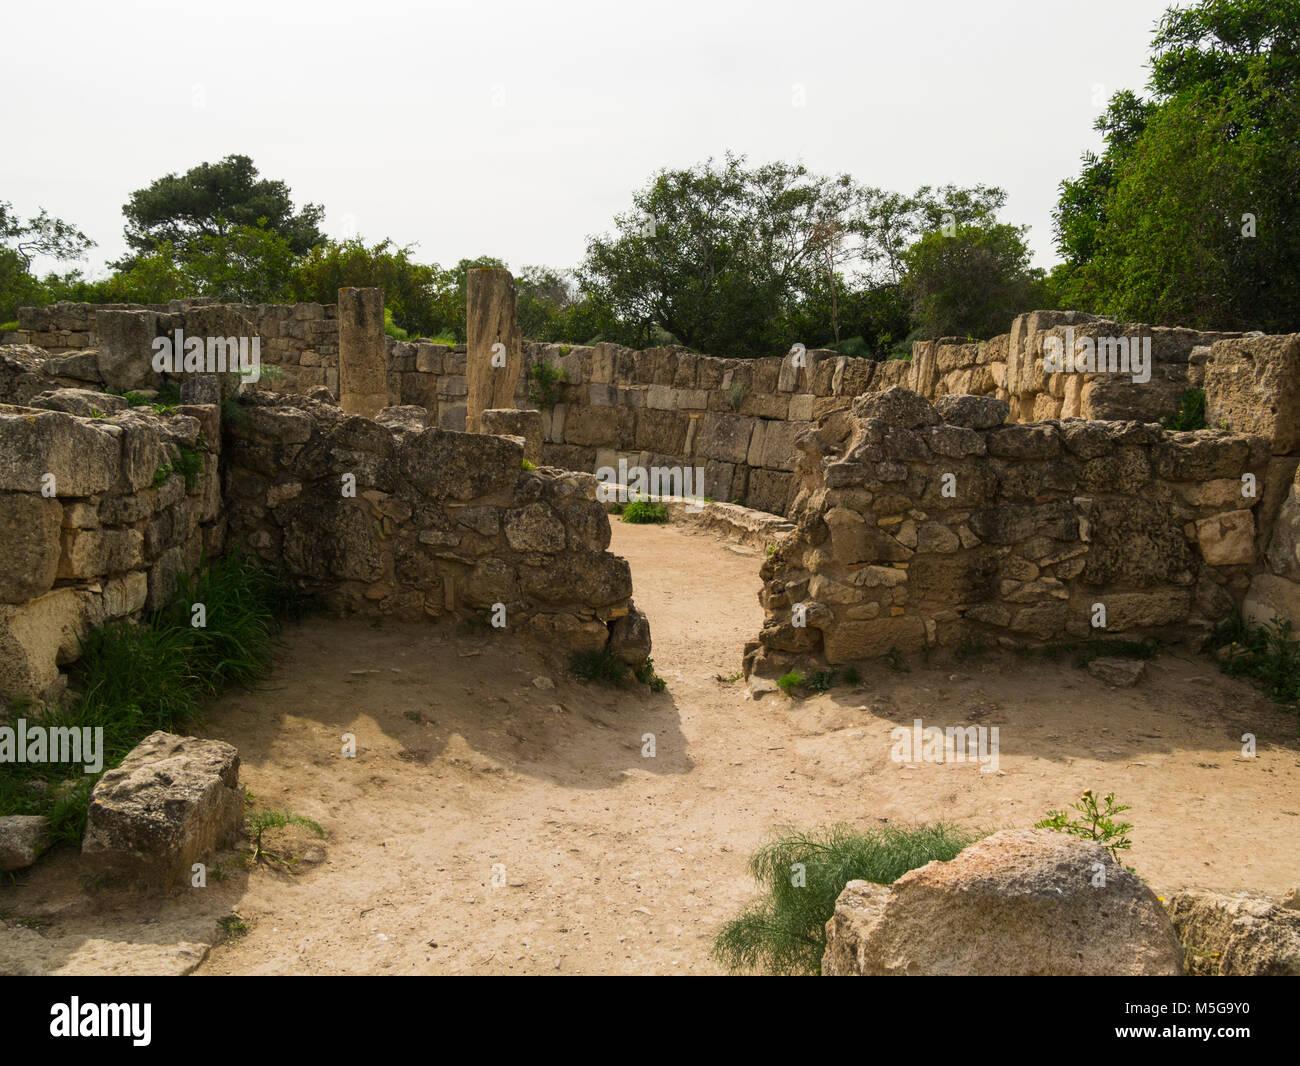 Ruines du Grand Hall Building avec bains dans l'objet de fouilles ancienne ville romaine de Salamine Famagouste Photo Stock